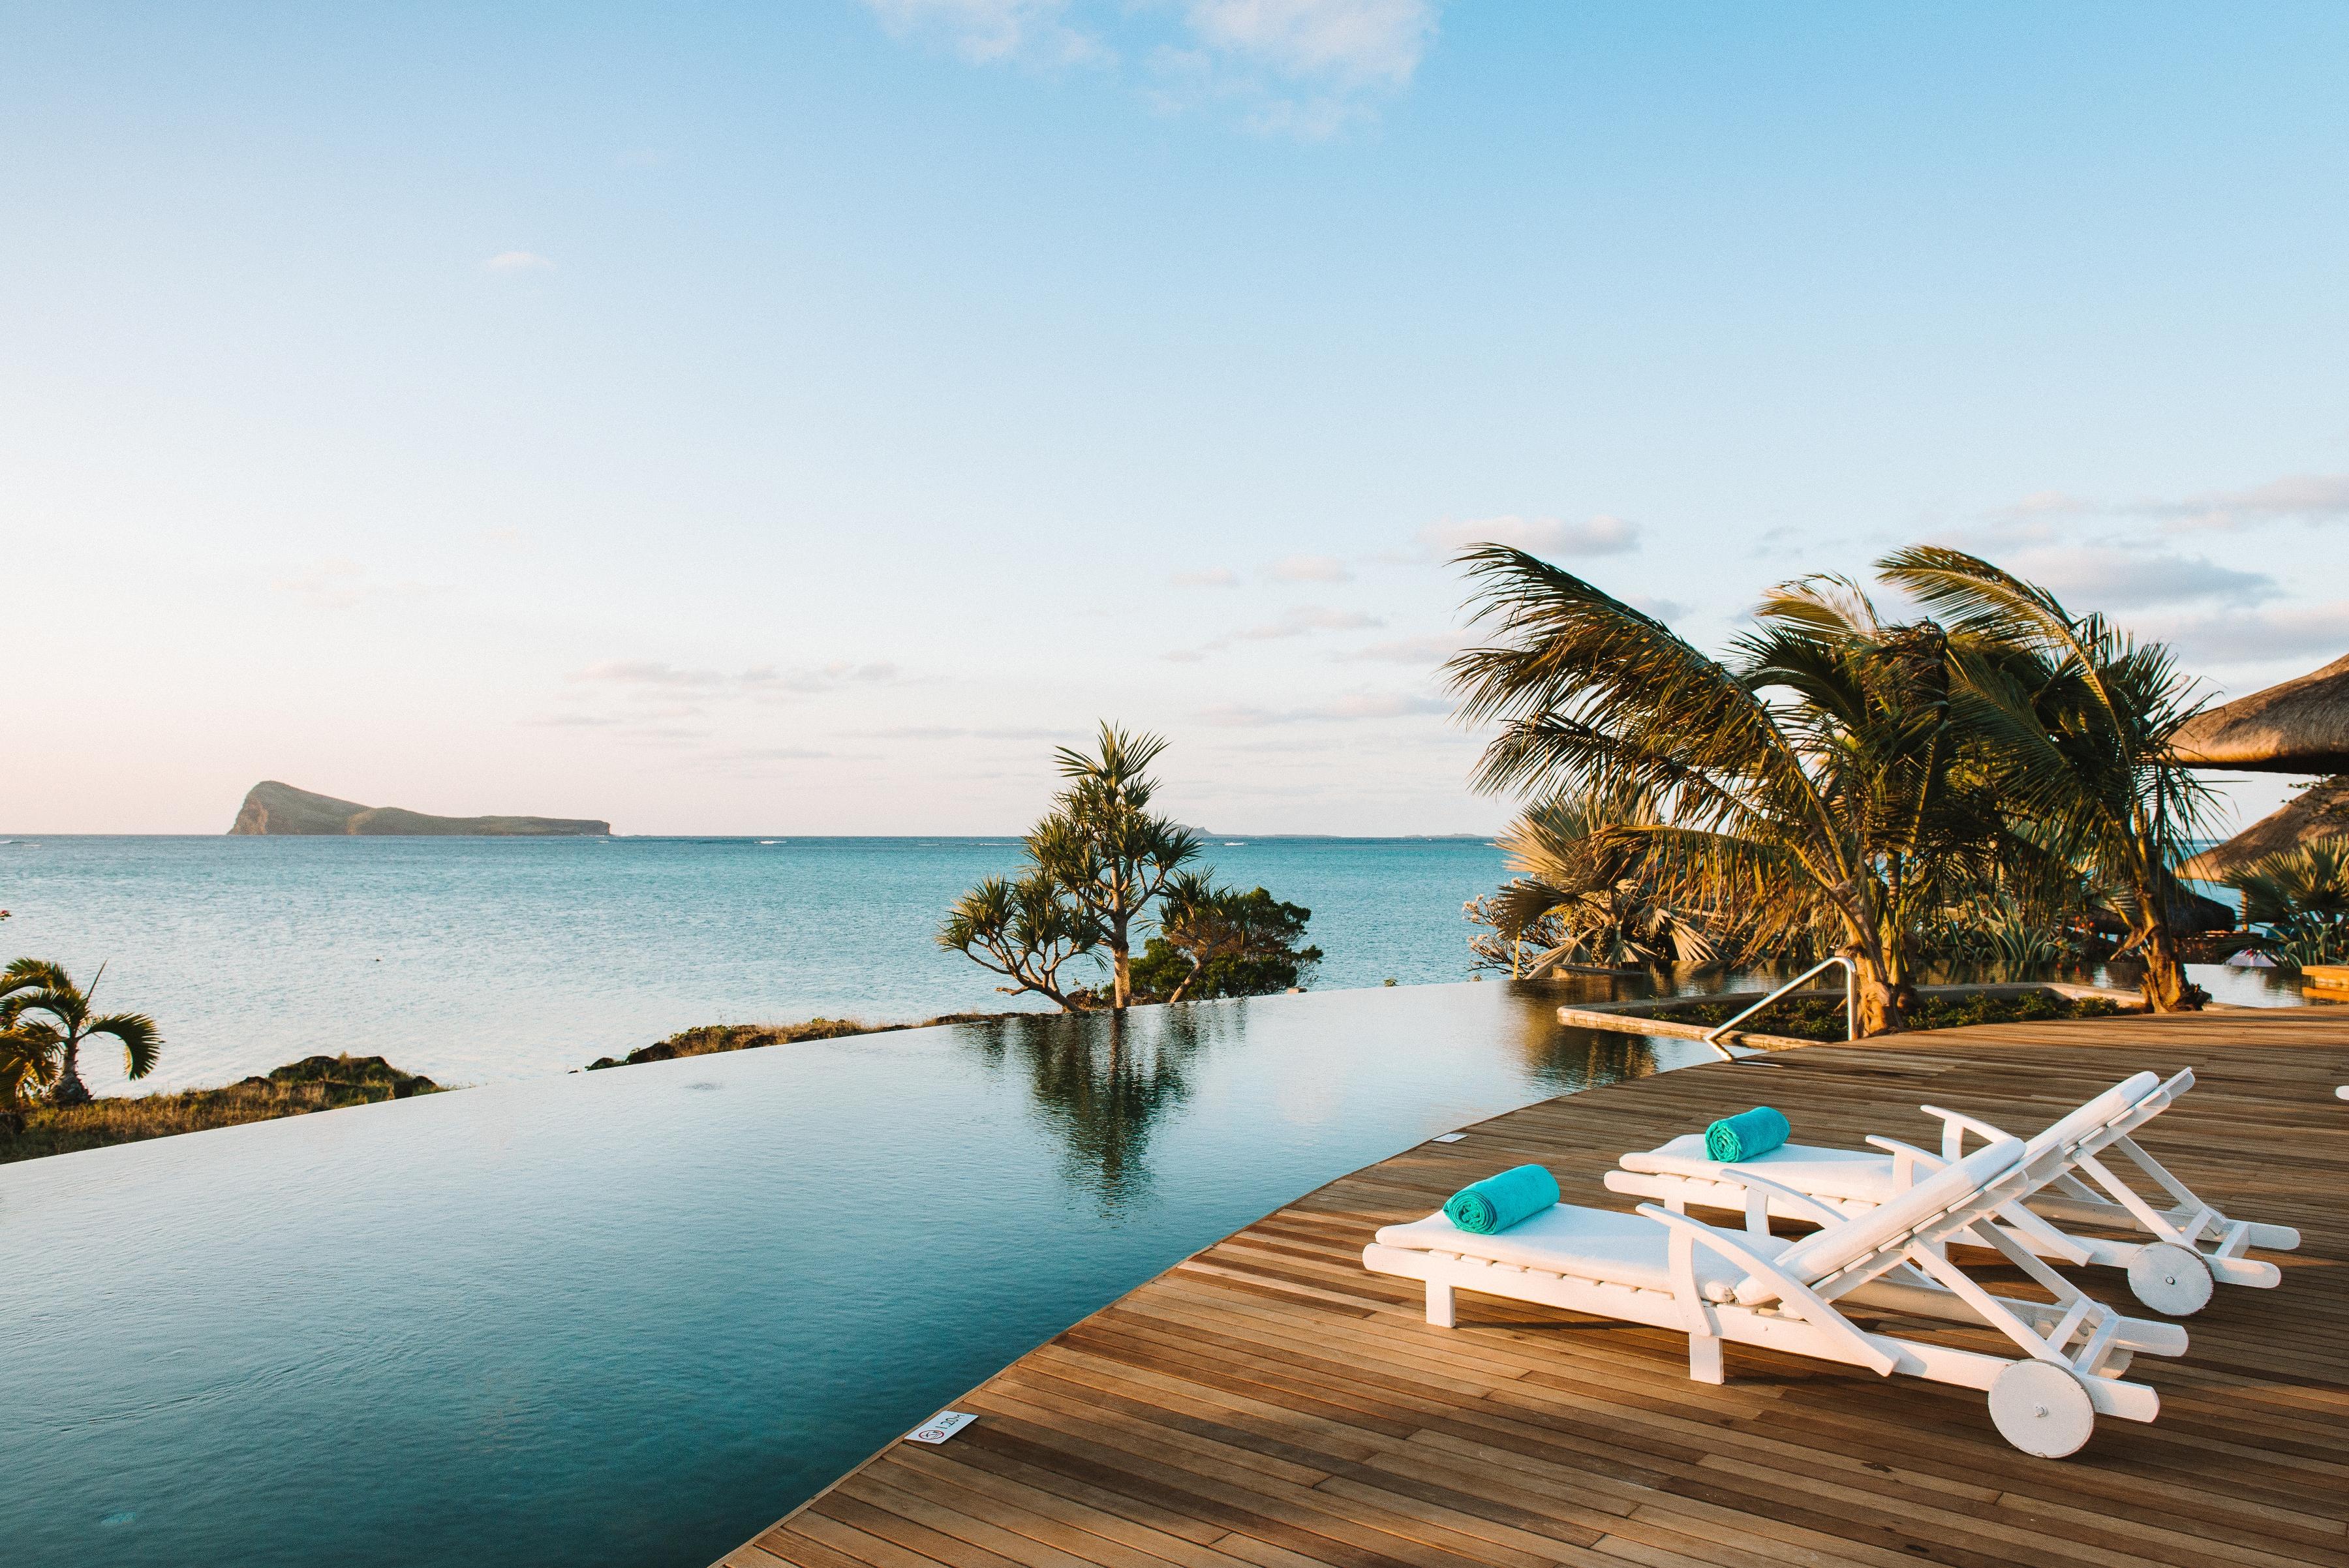 98edcbfef9e5 Bröllop och bröllopsresor till Mauritius - Enjoy Travel